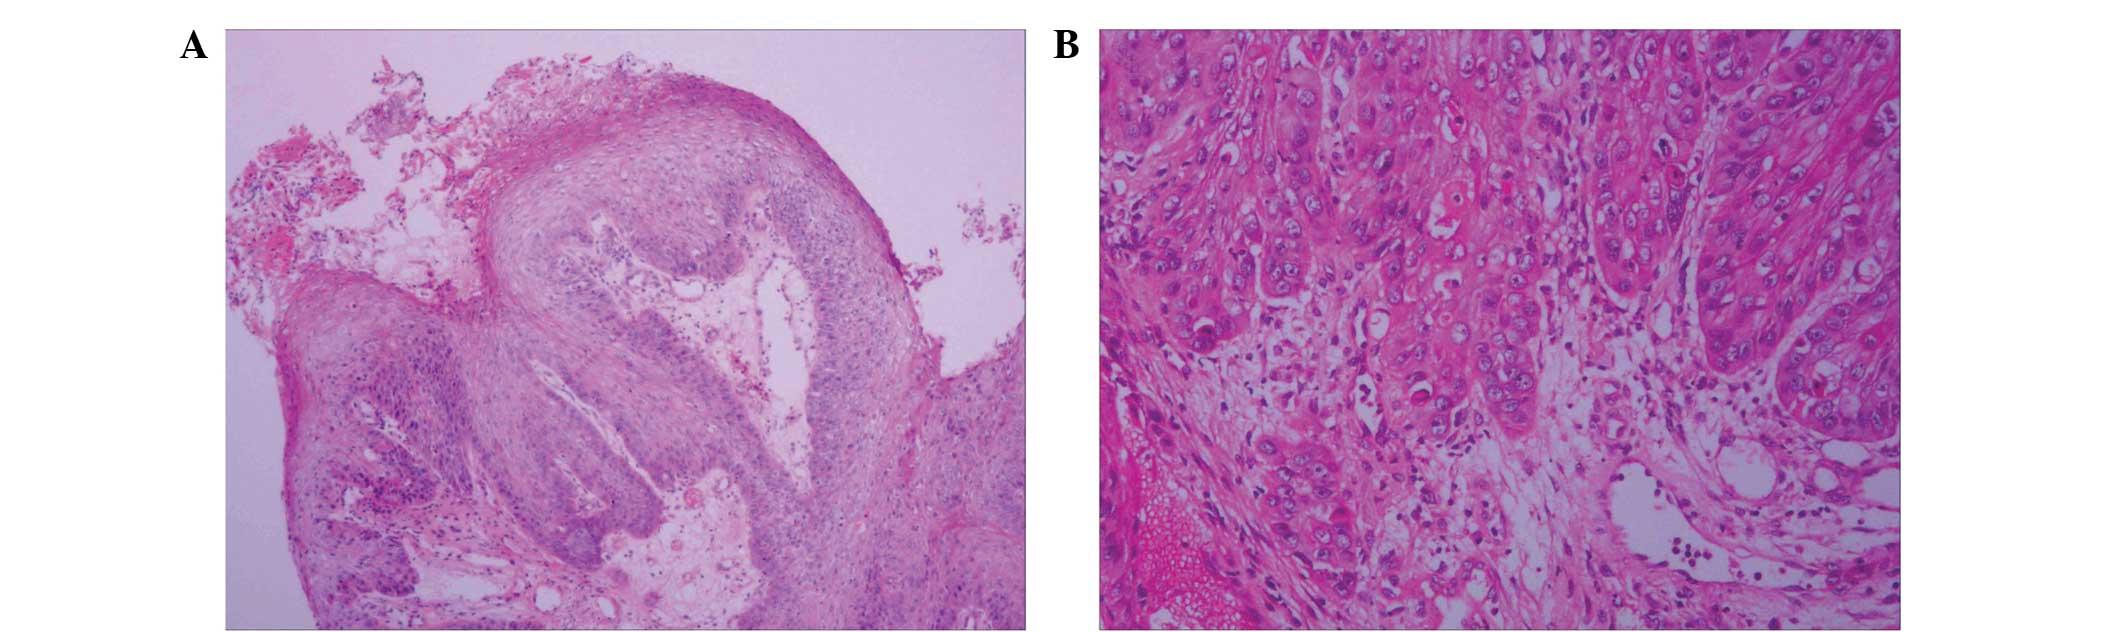 papilloma and papillary carcinoma